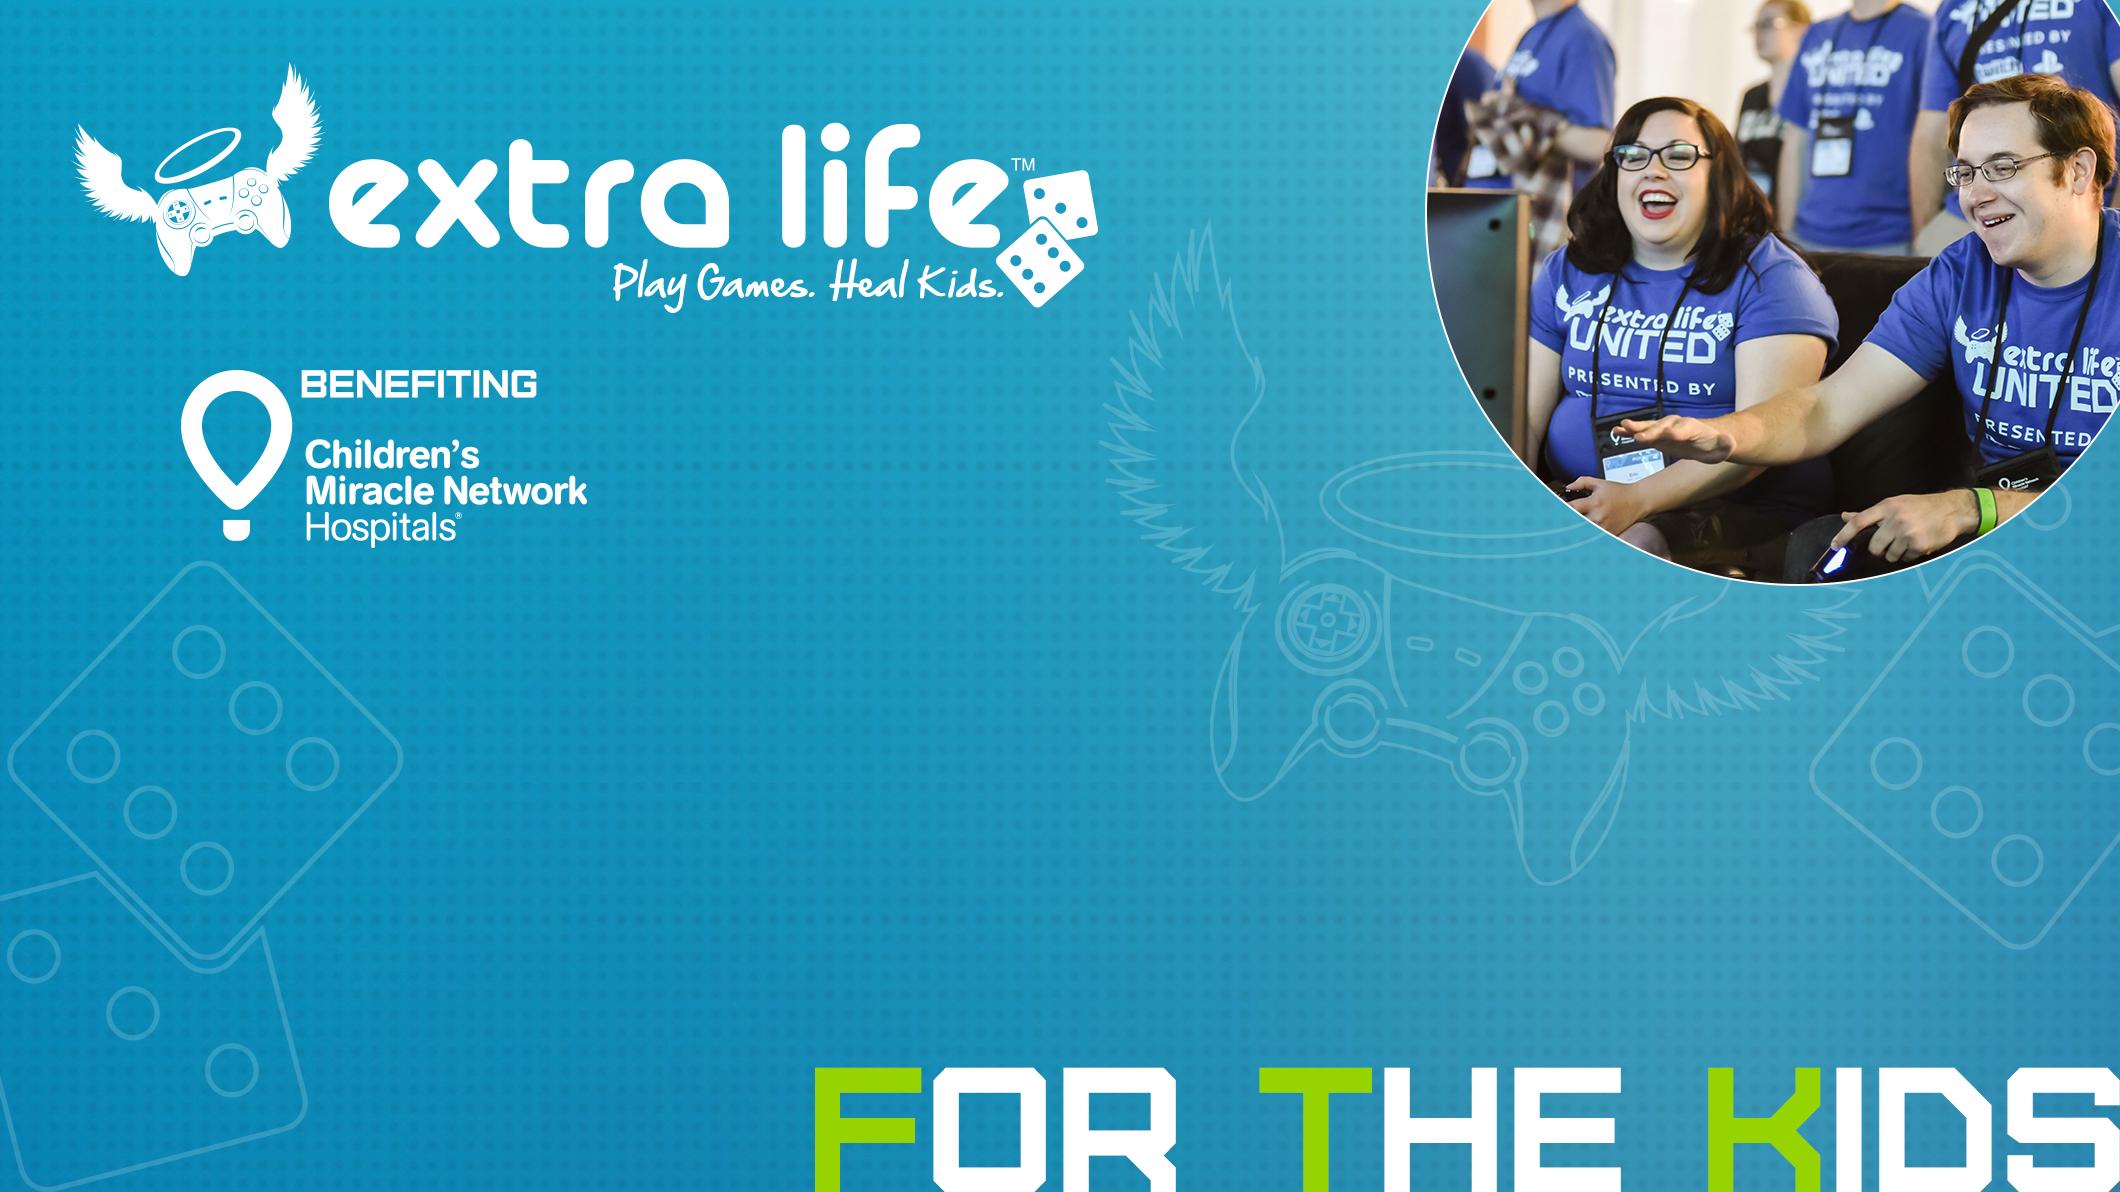 Extra Life 24 hour Gaming Event November 7, 2015